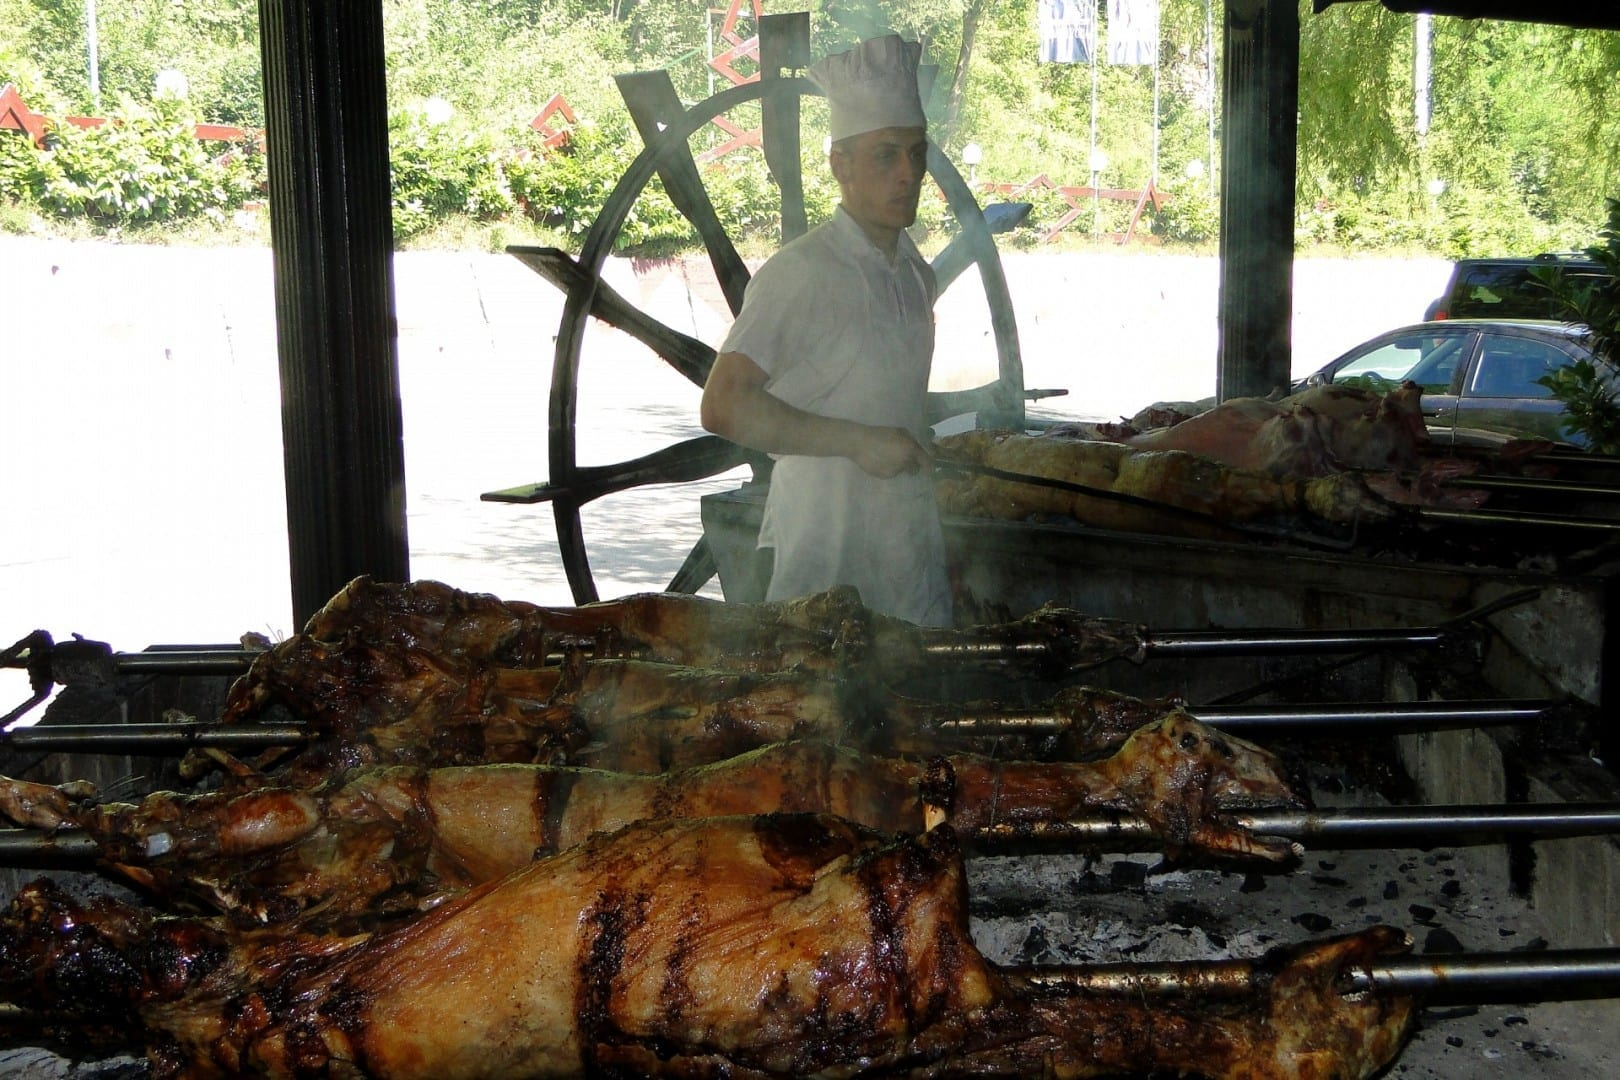 Preparación del tradicional cordero a la parrilla. Jablanica Bosnia y Herzegovina